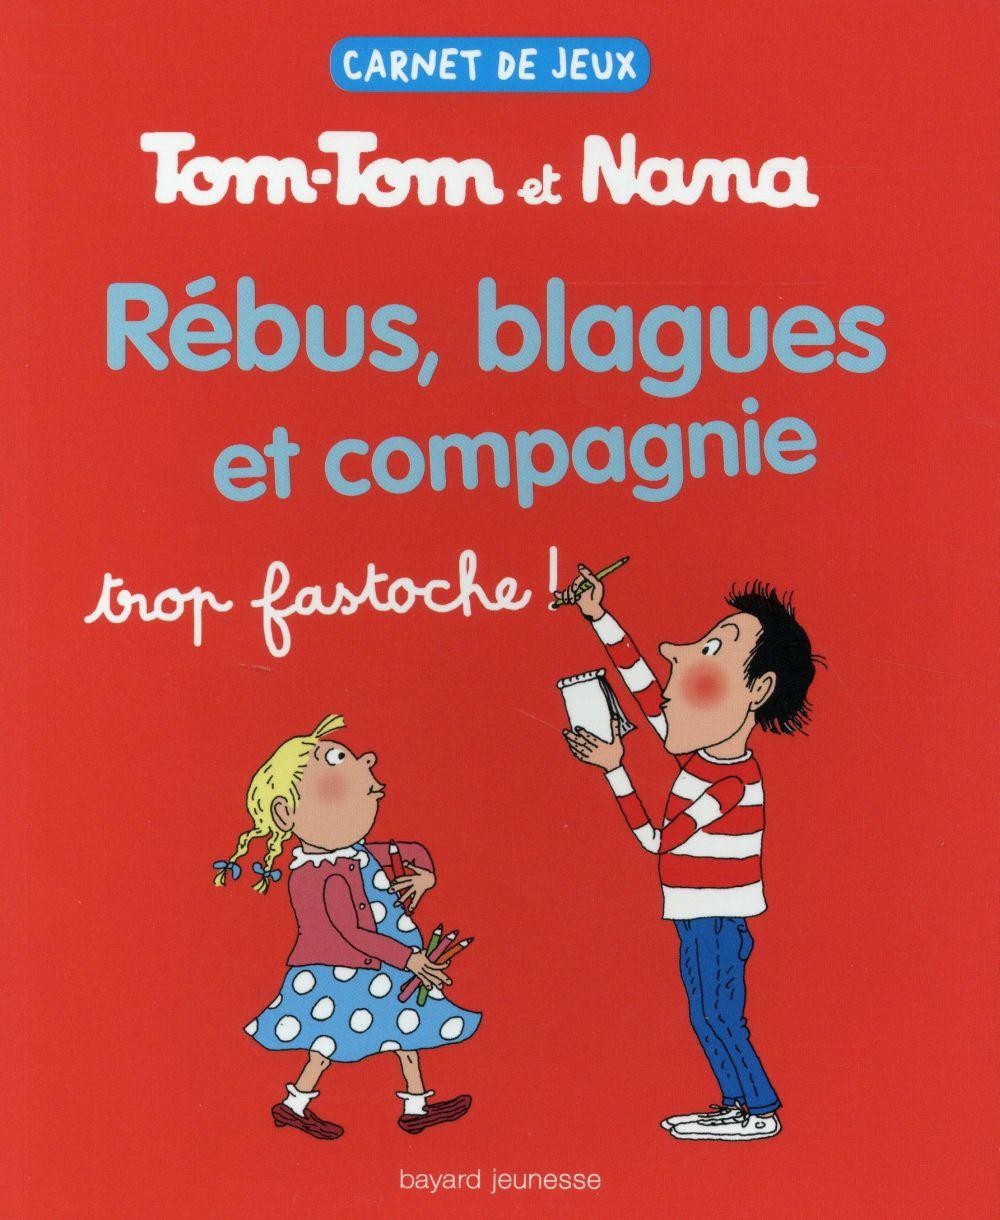 Carnet de jeux de Tom-Tom et Nana t.2 ; rébus, blagues et compagnie